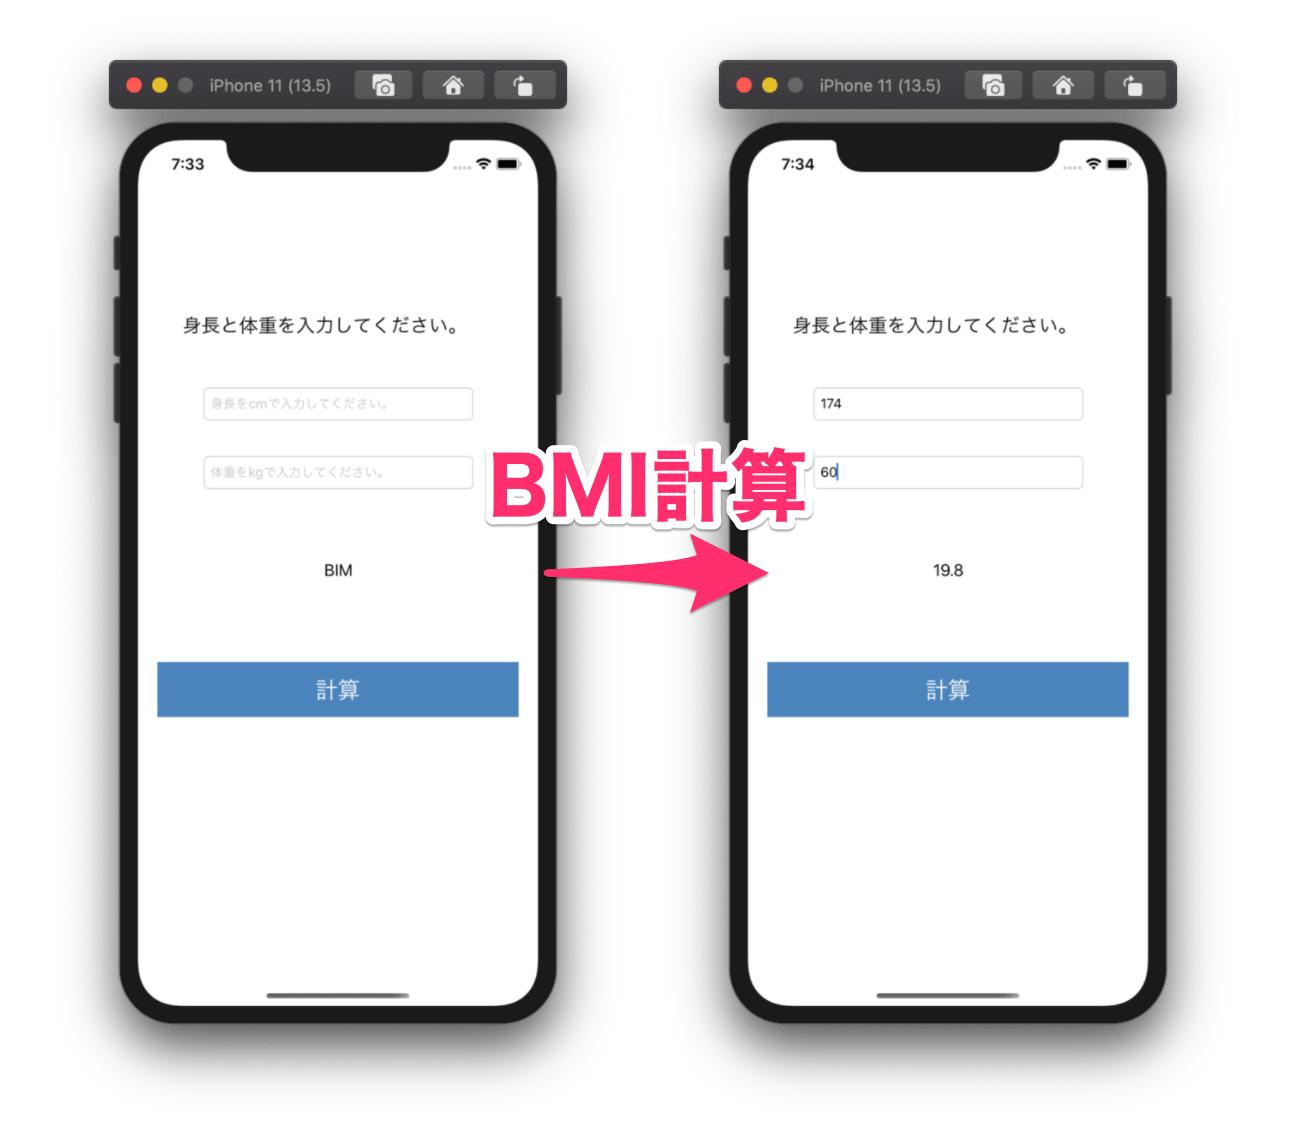 BMIアプリの画像